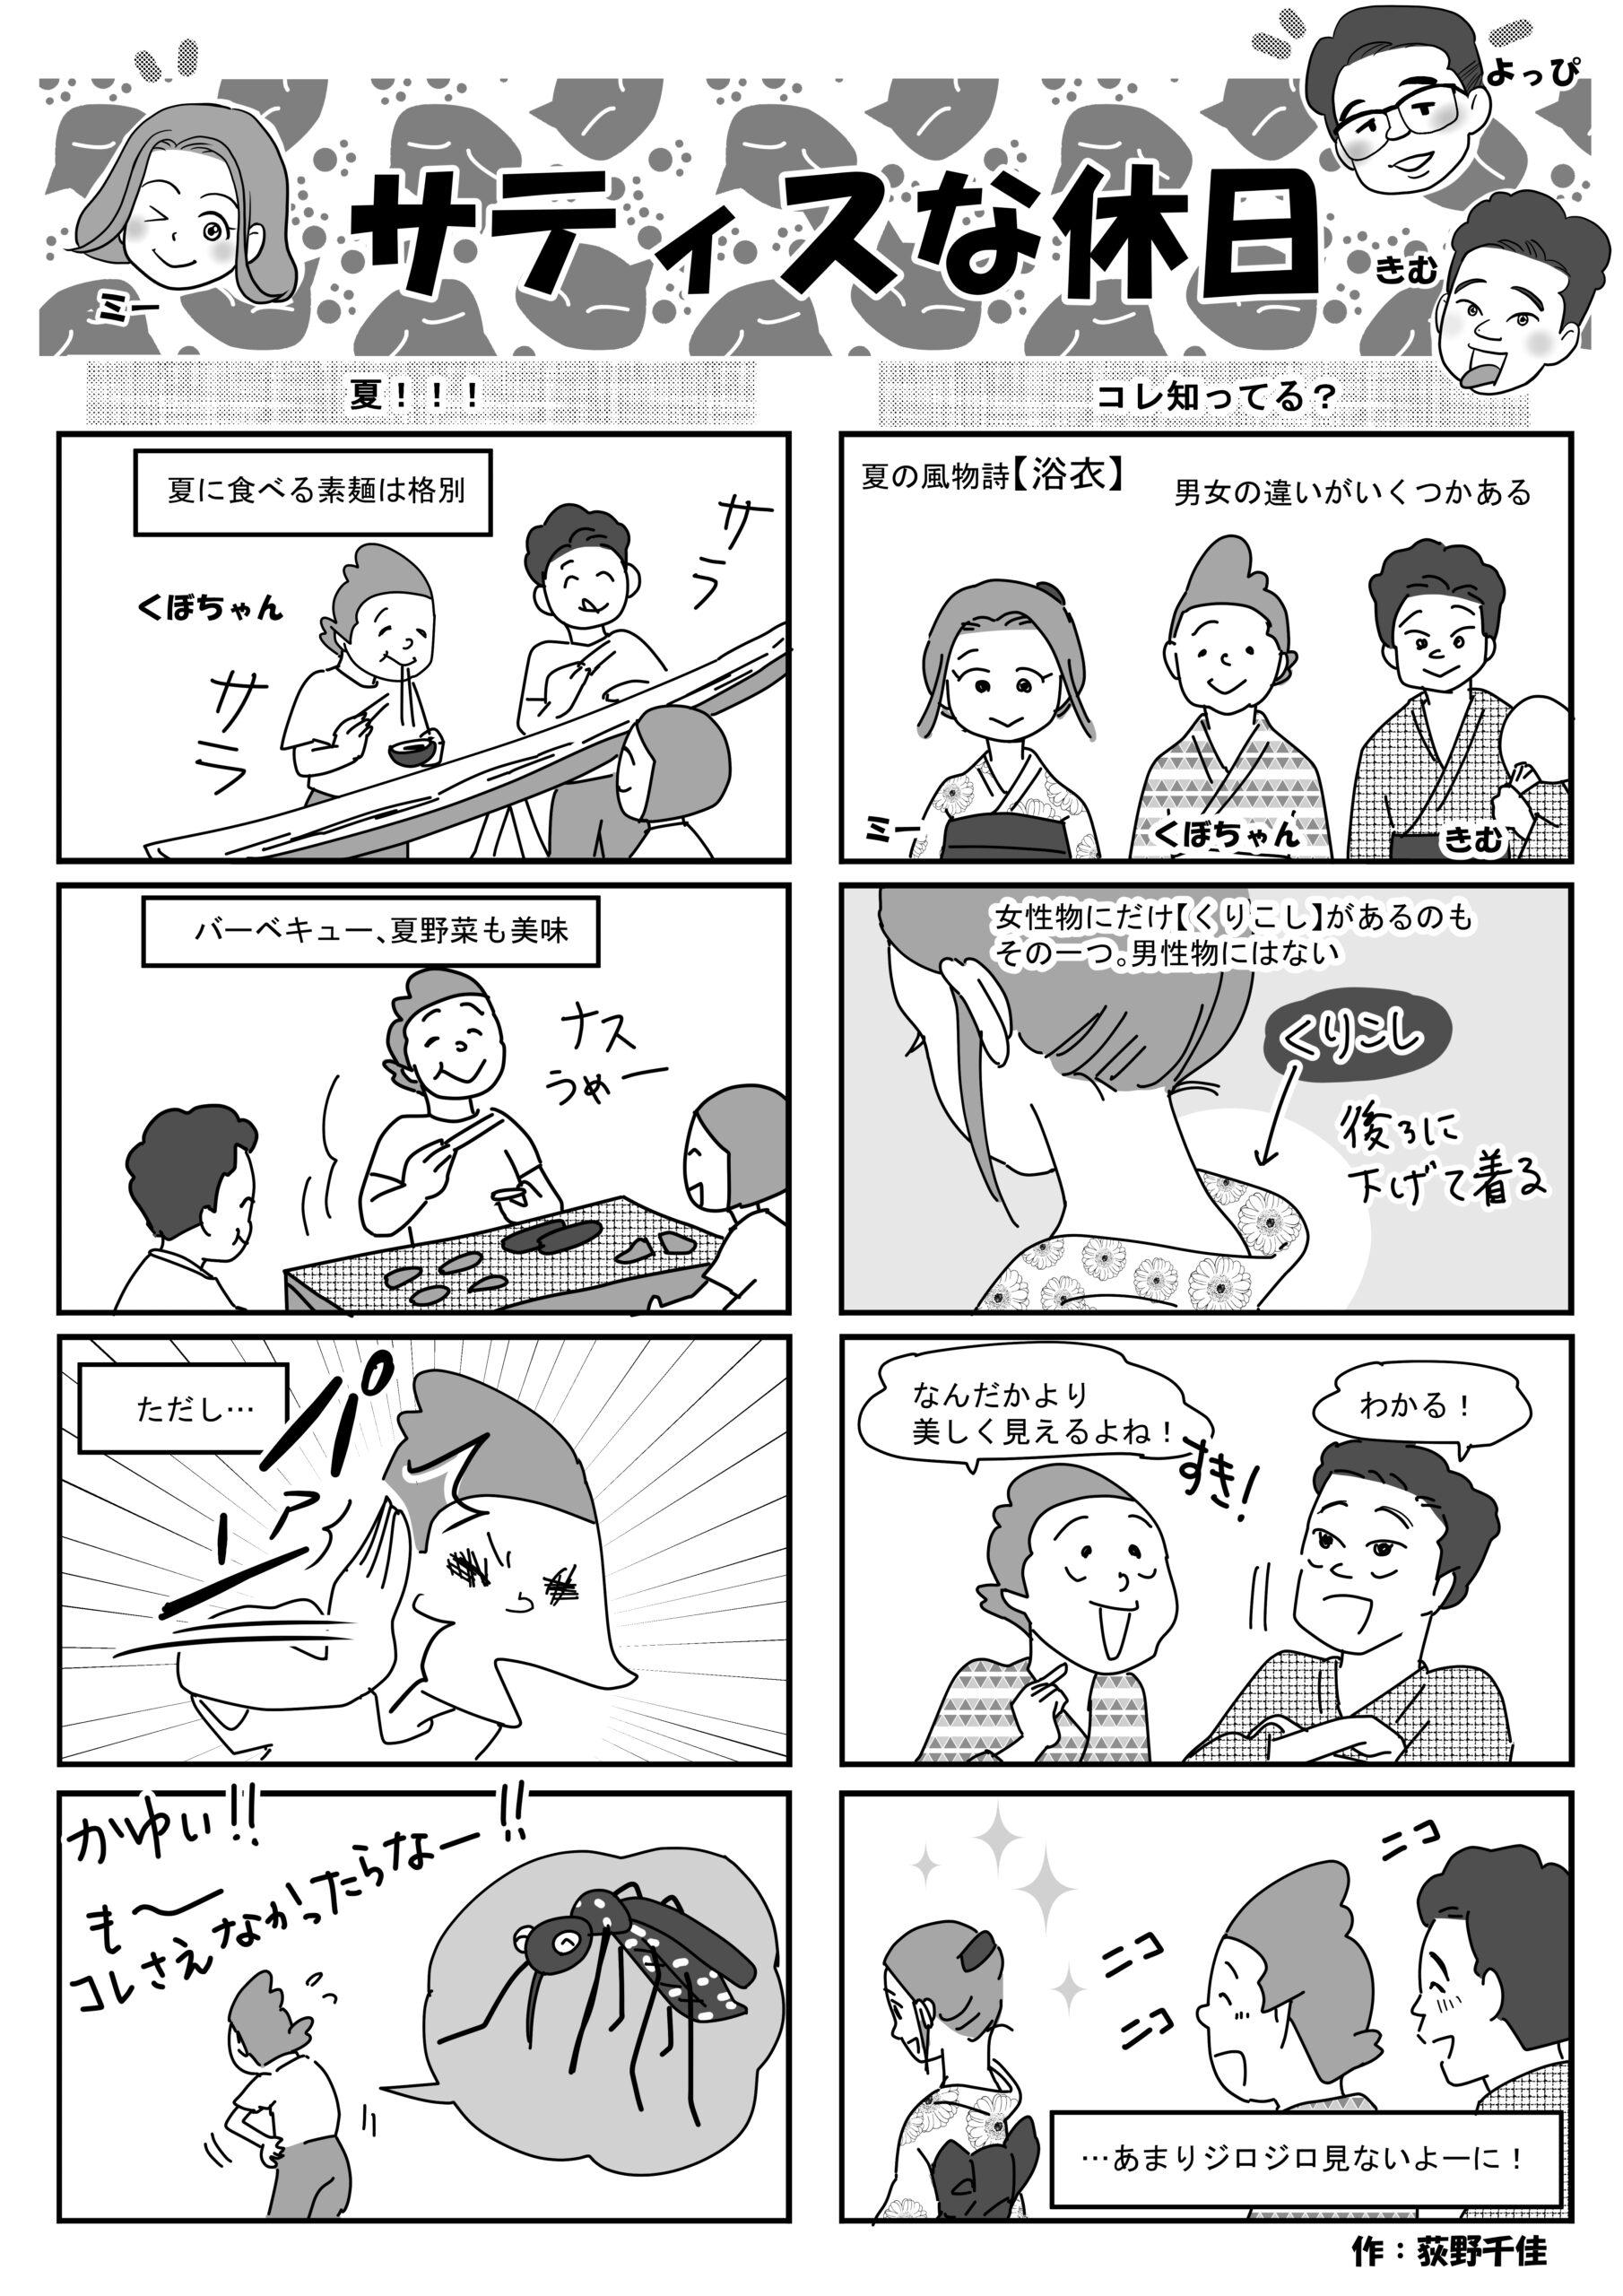 4コママンガ連載中!/(株)サティスホールディングスグループ様発行冊子【家づくりワンダフル!8月号】